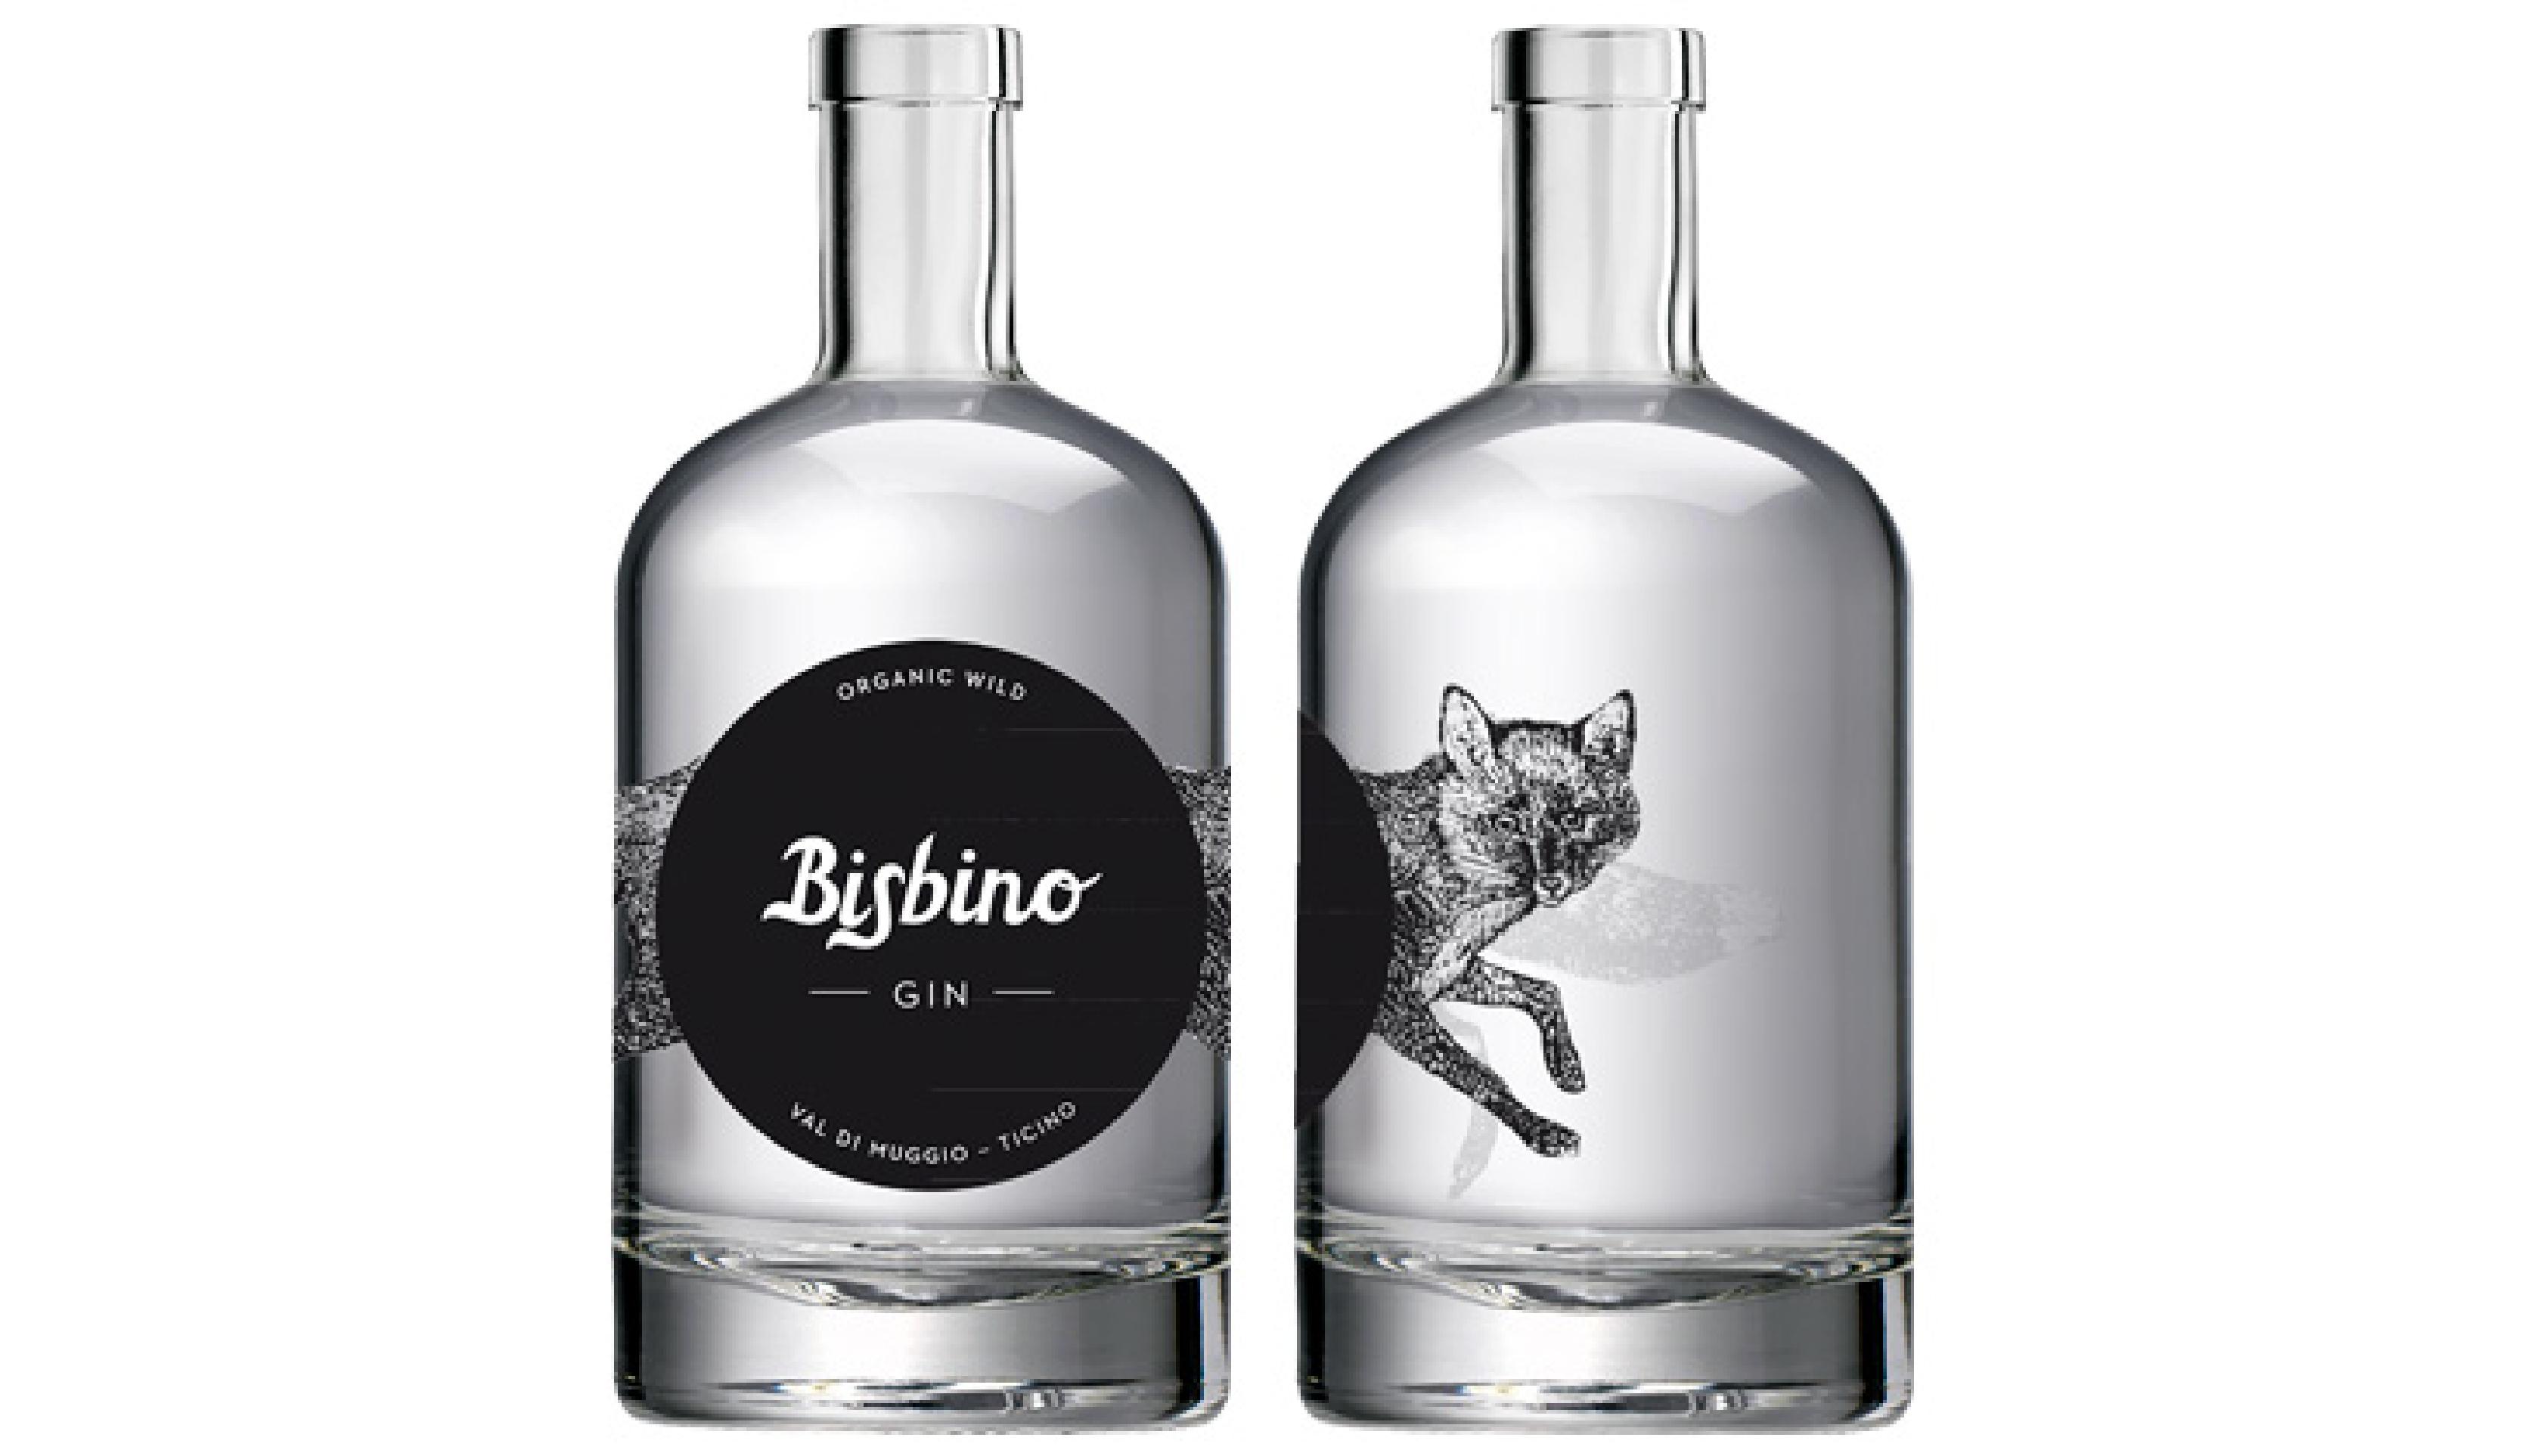 Bisbino_5-01